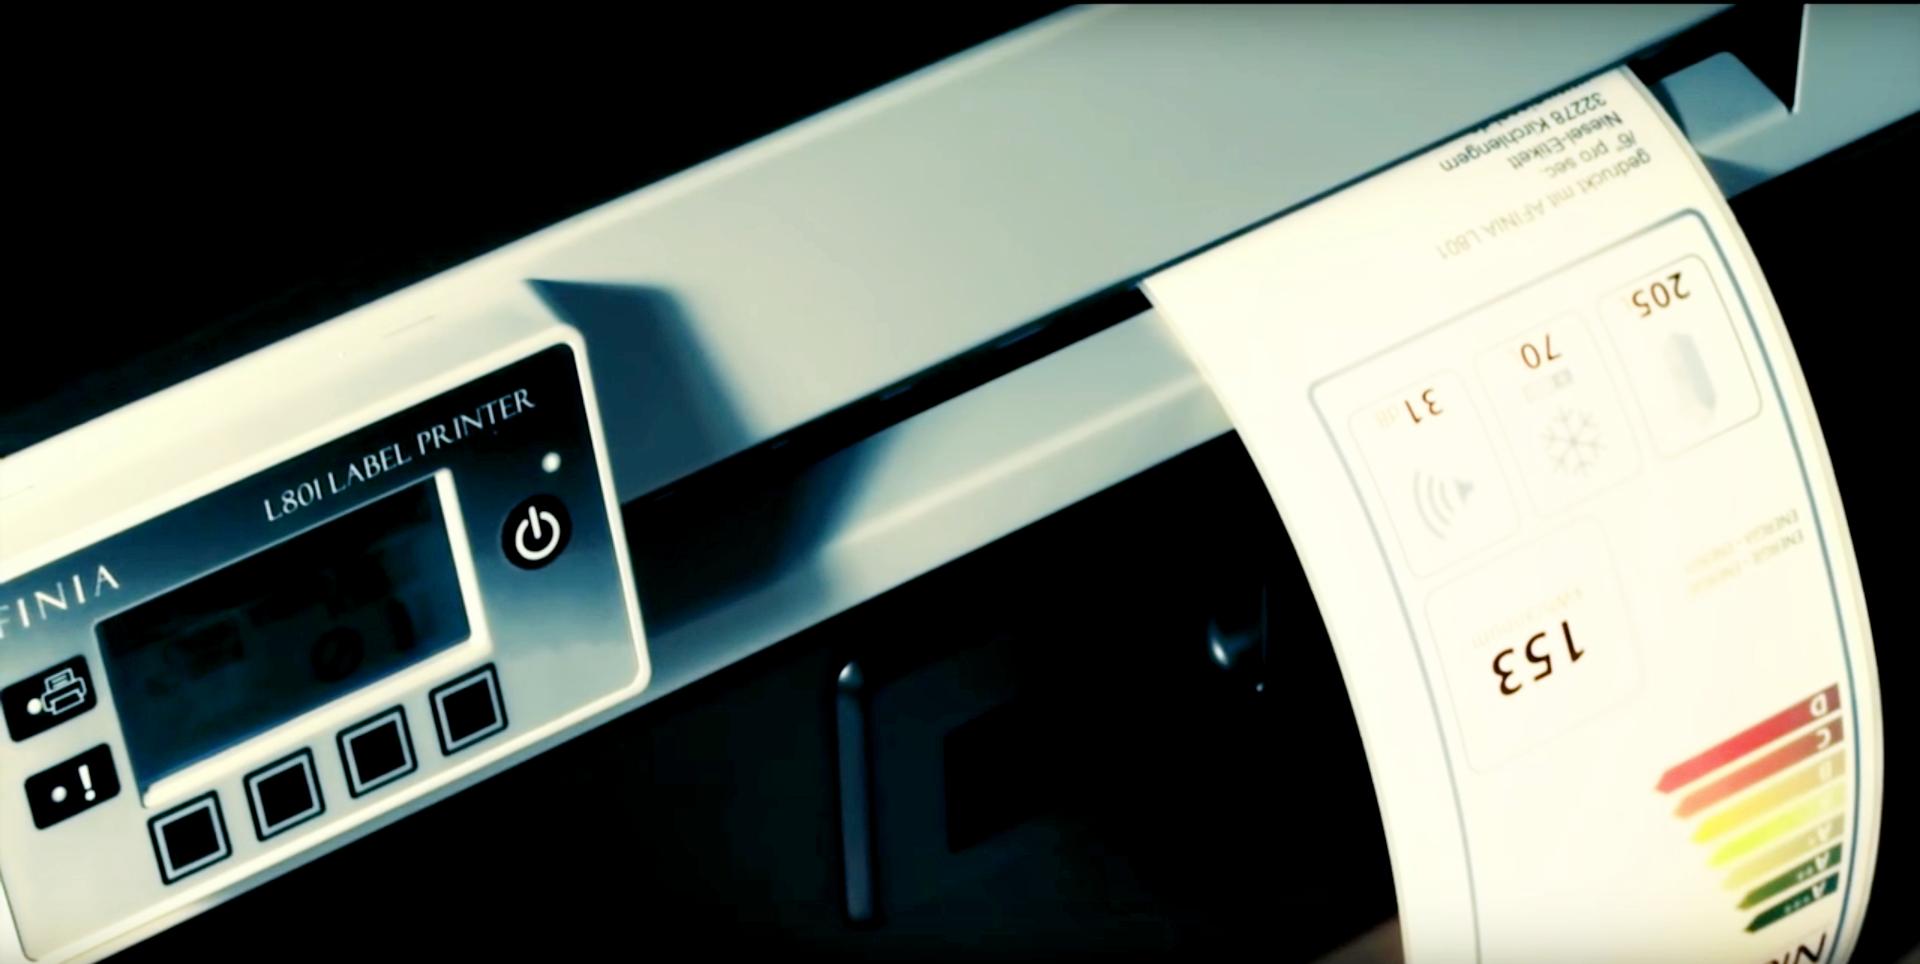 L801: der Qualitäts-Farbetikettendrucker von Afinia